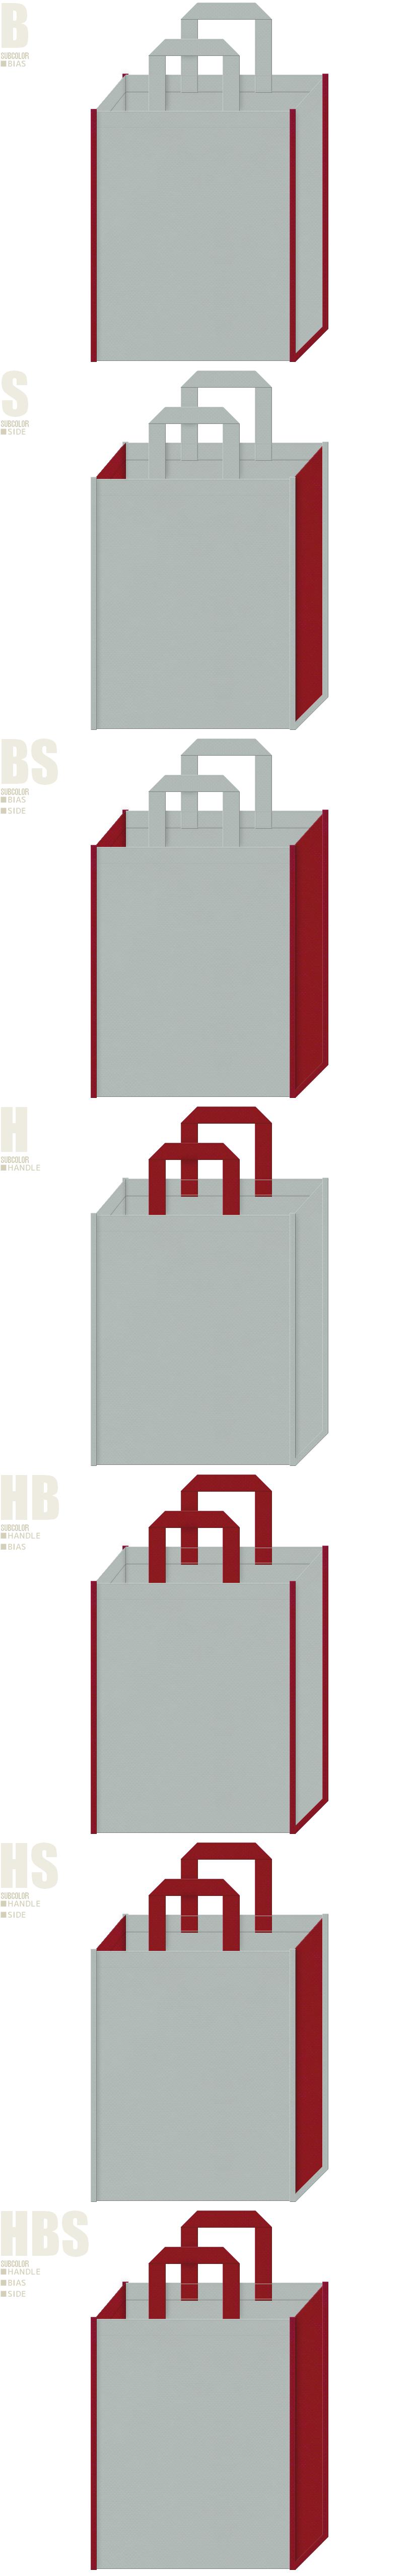 ロボット・ラジコン・プラモデル・軍艦・艦隊・船舶・ホビーの展示会用バッグにお奨めの不織布バッグデザイン:グレー色とエンジ色の配色7パターン